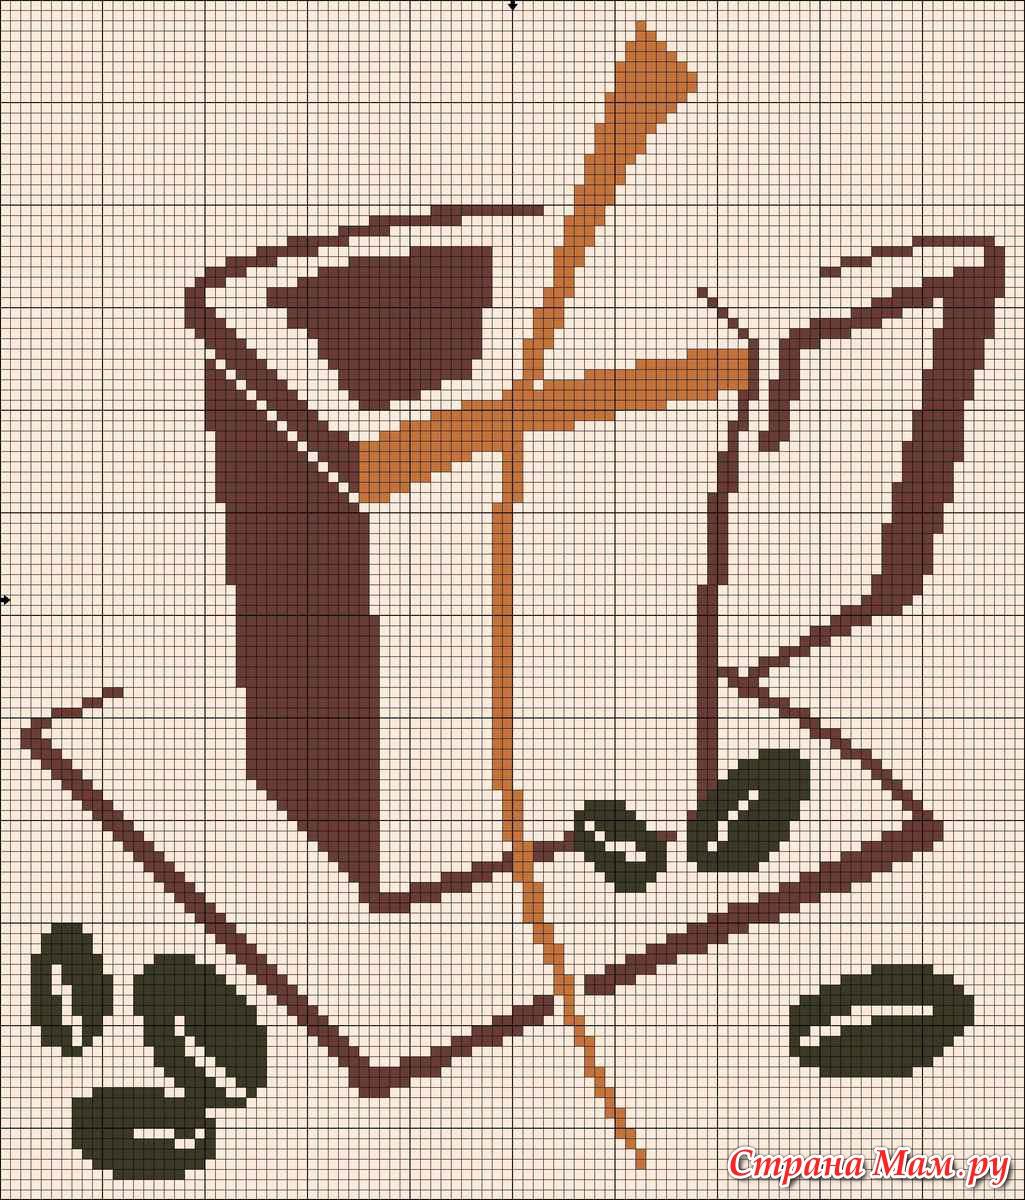 Вышивка крестиком для кухни кофе